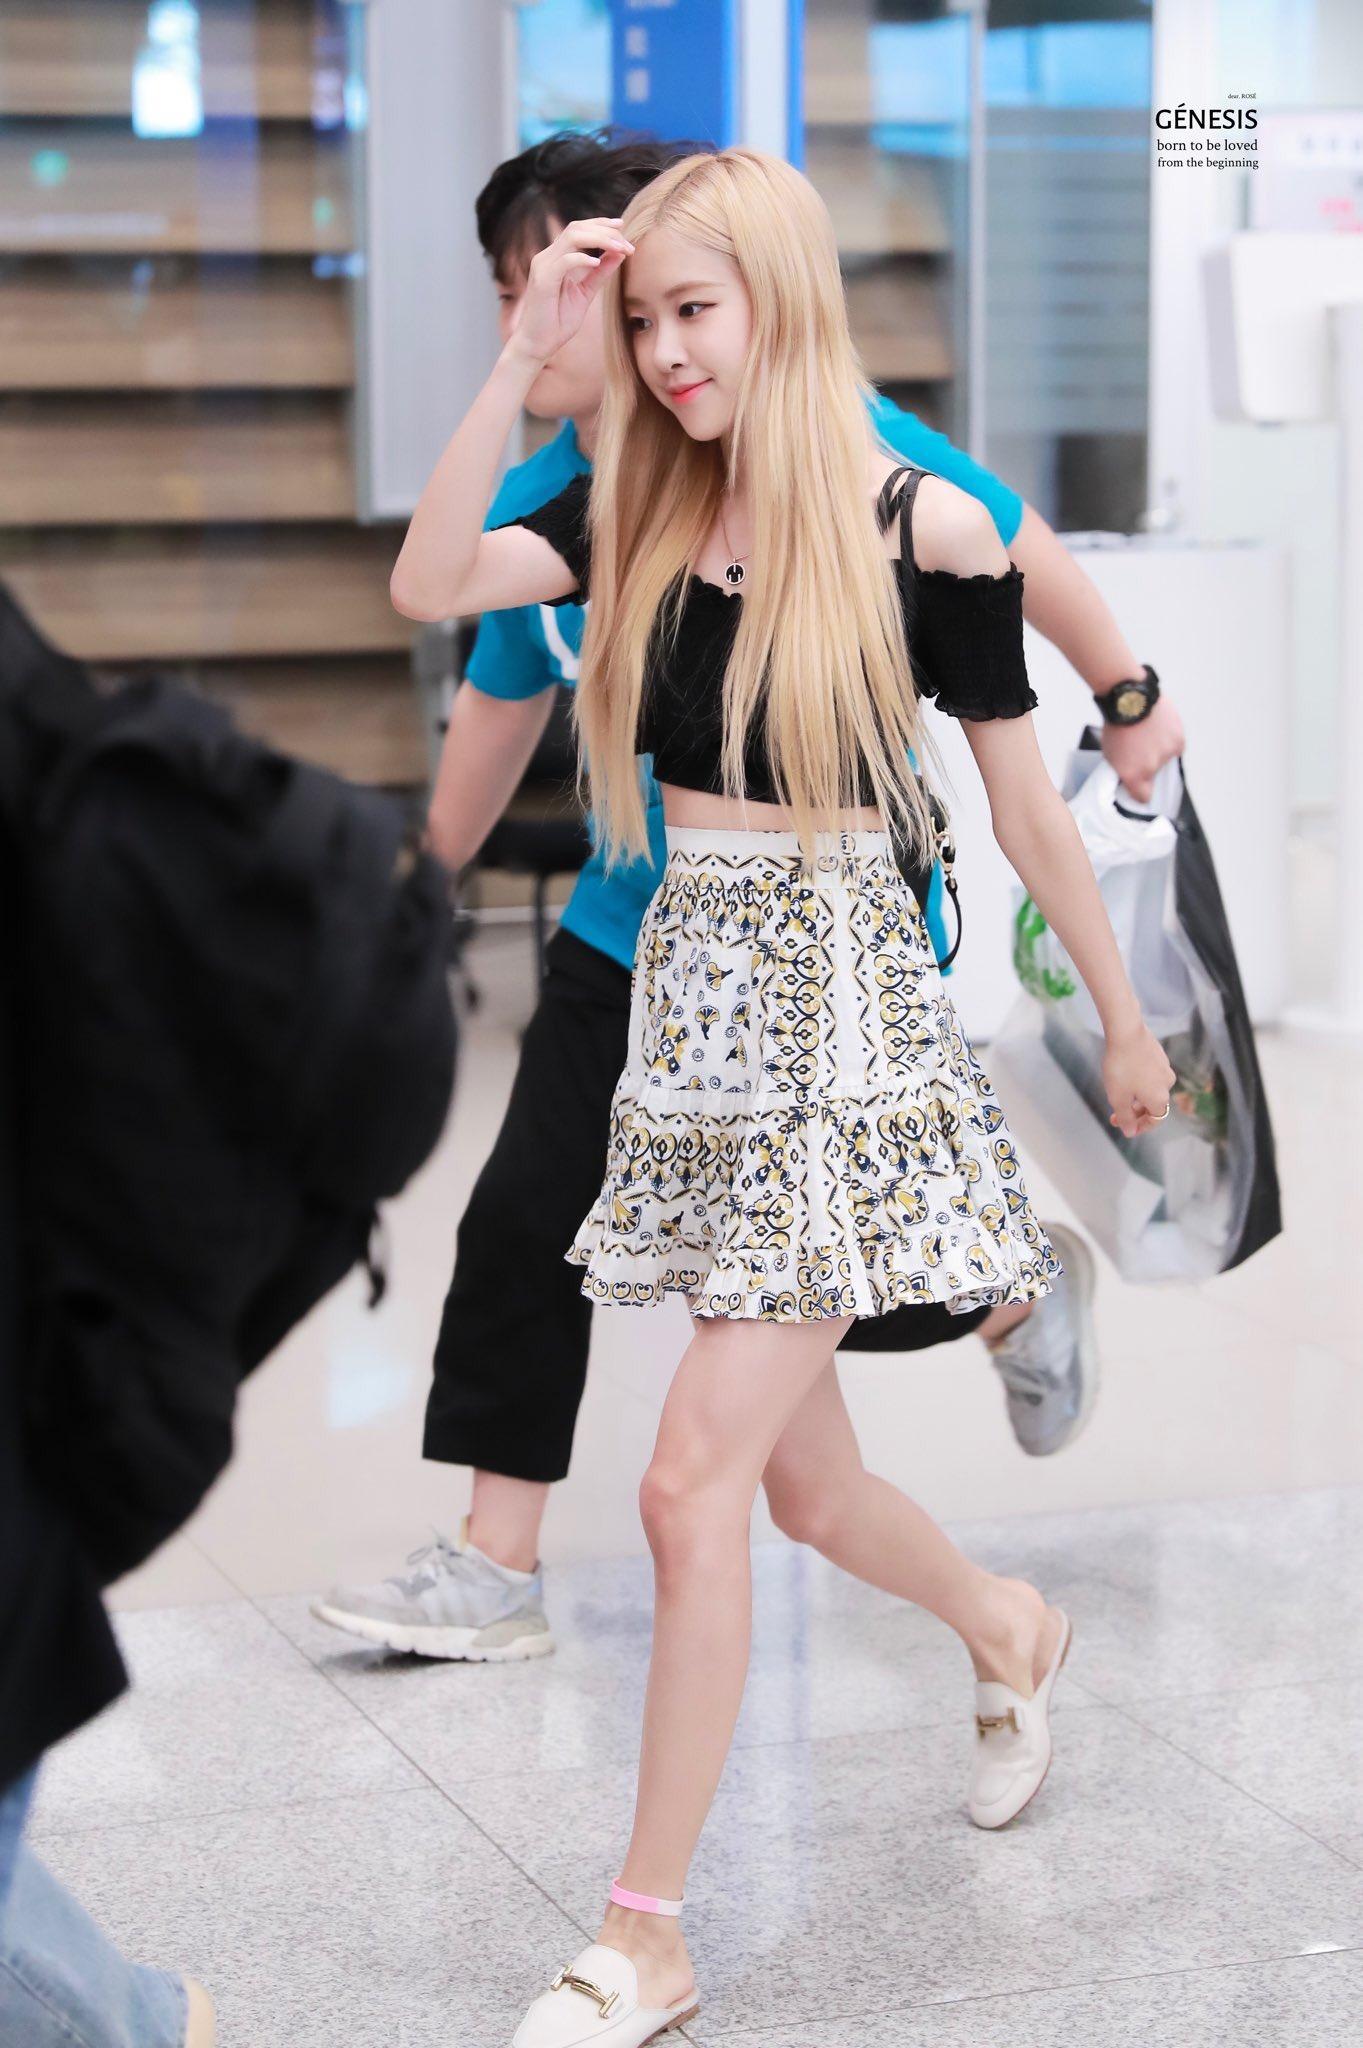 Rose mặc chân váy họa tiết, áo trễ vai đen